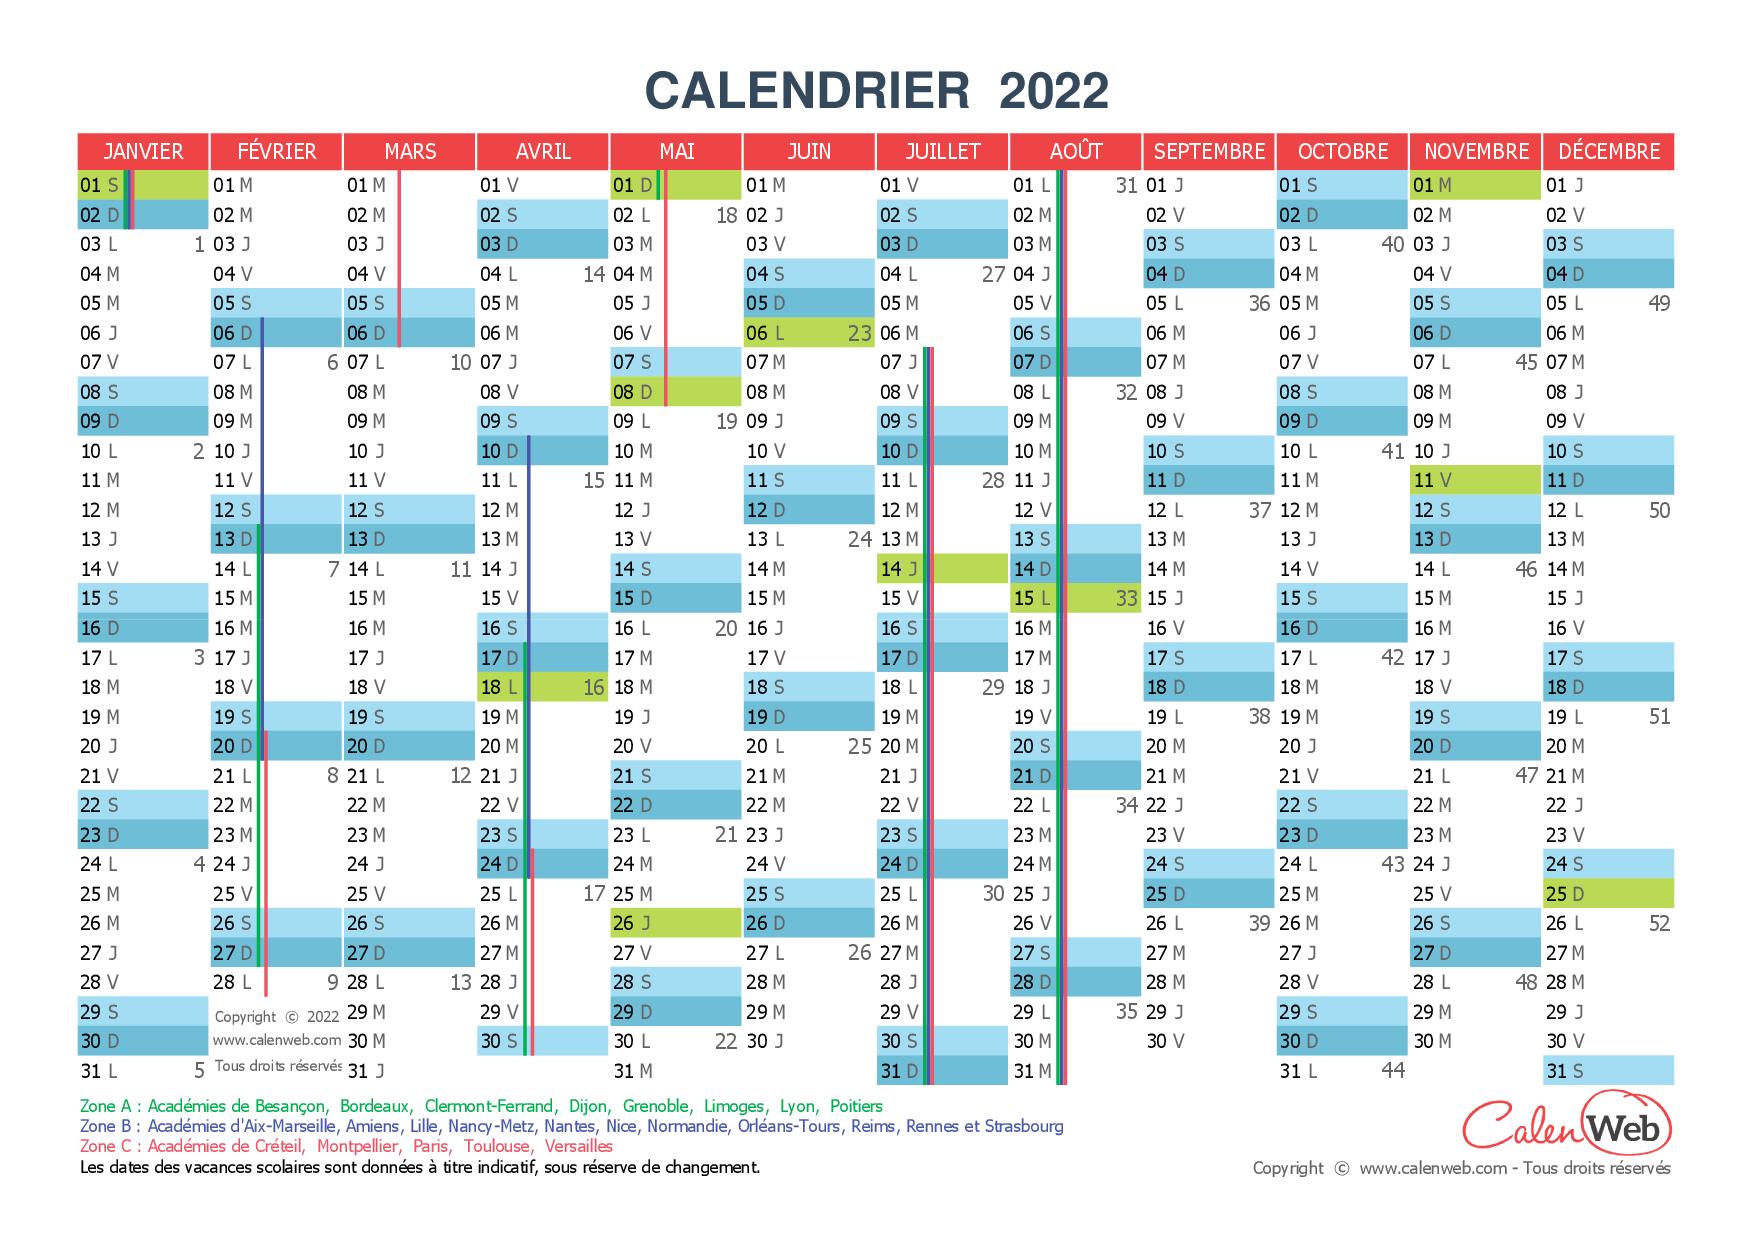 Calendrier 2022 Avec Vacances Scolaires Et Jours Feries Calendrier annuel   Année 2022 avec jours fériés et vacances